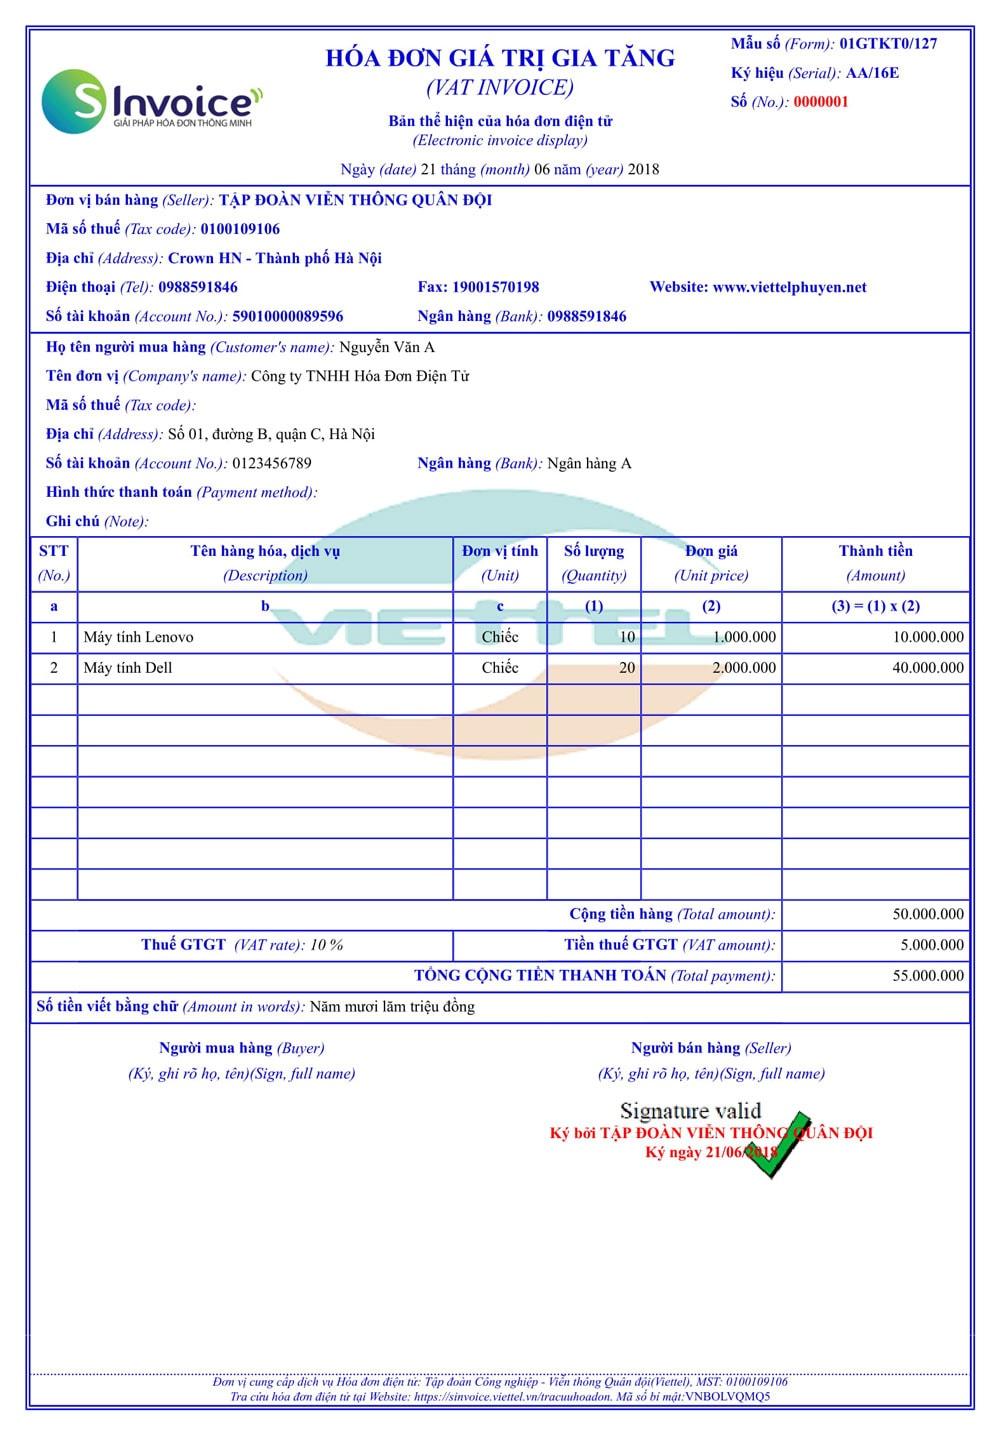 Mẫu hóa đơn điện tử Viettel 8